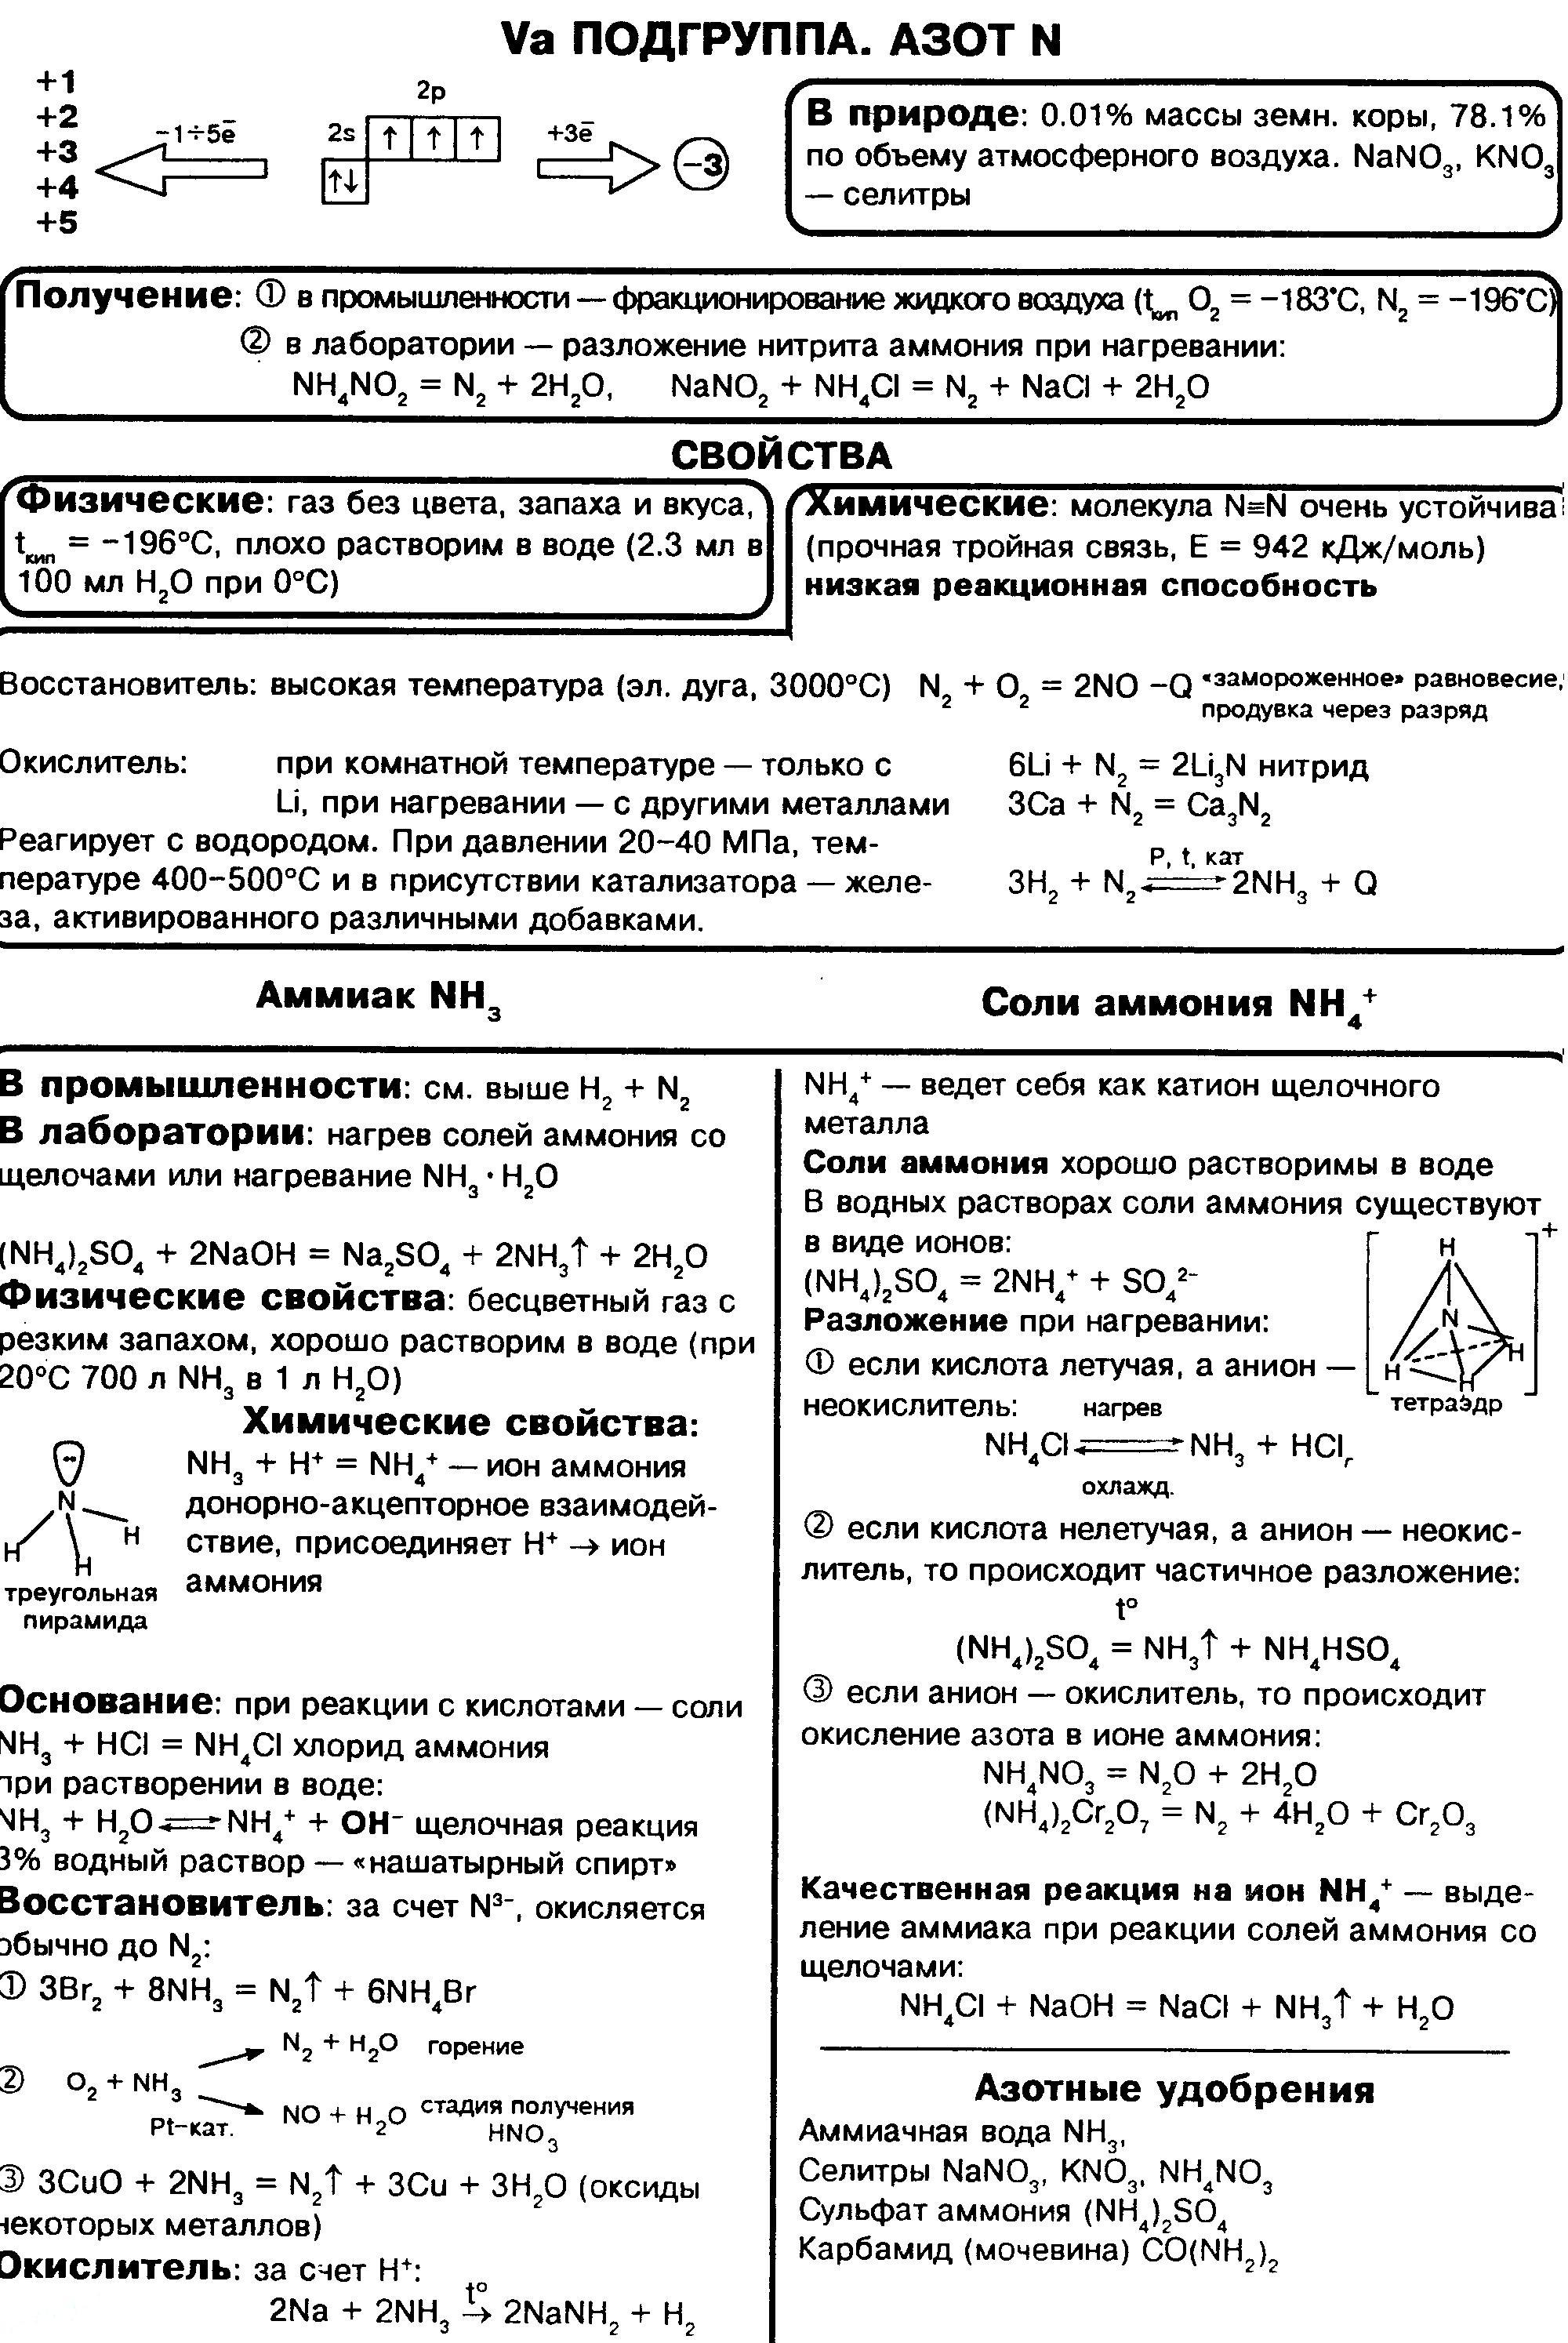 azot-ammiak-soli-ammoniya